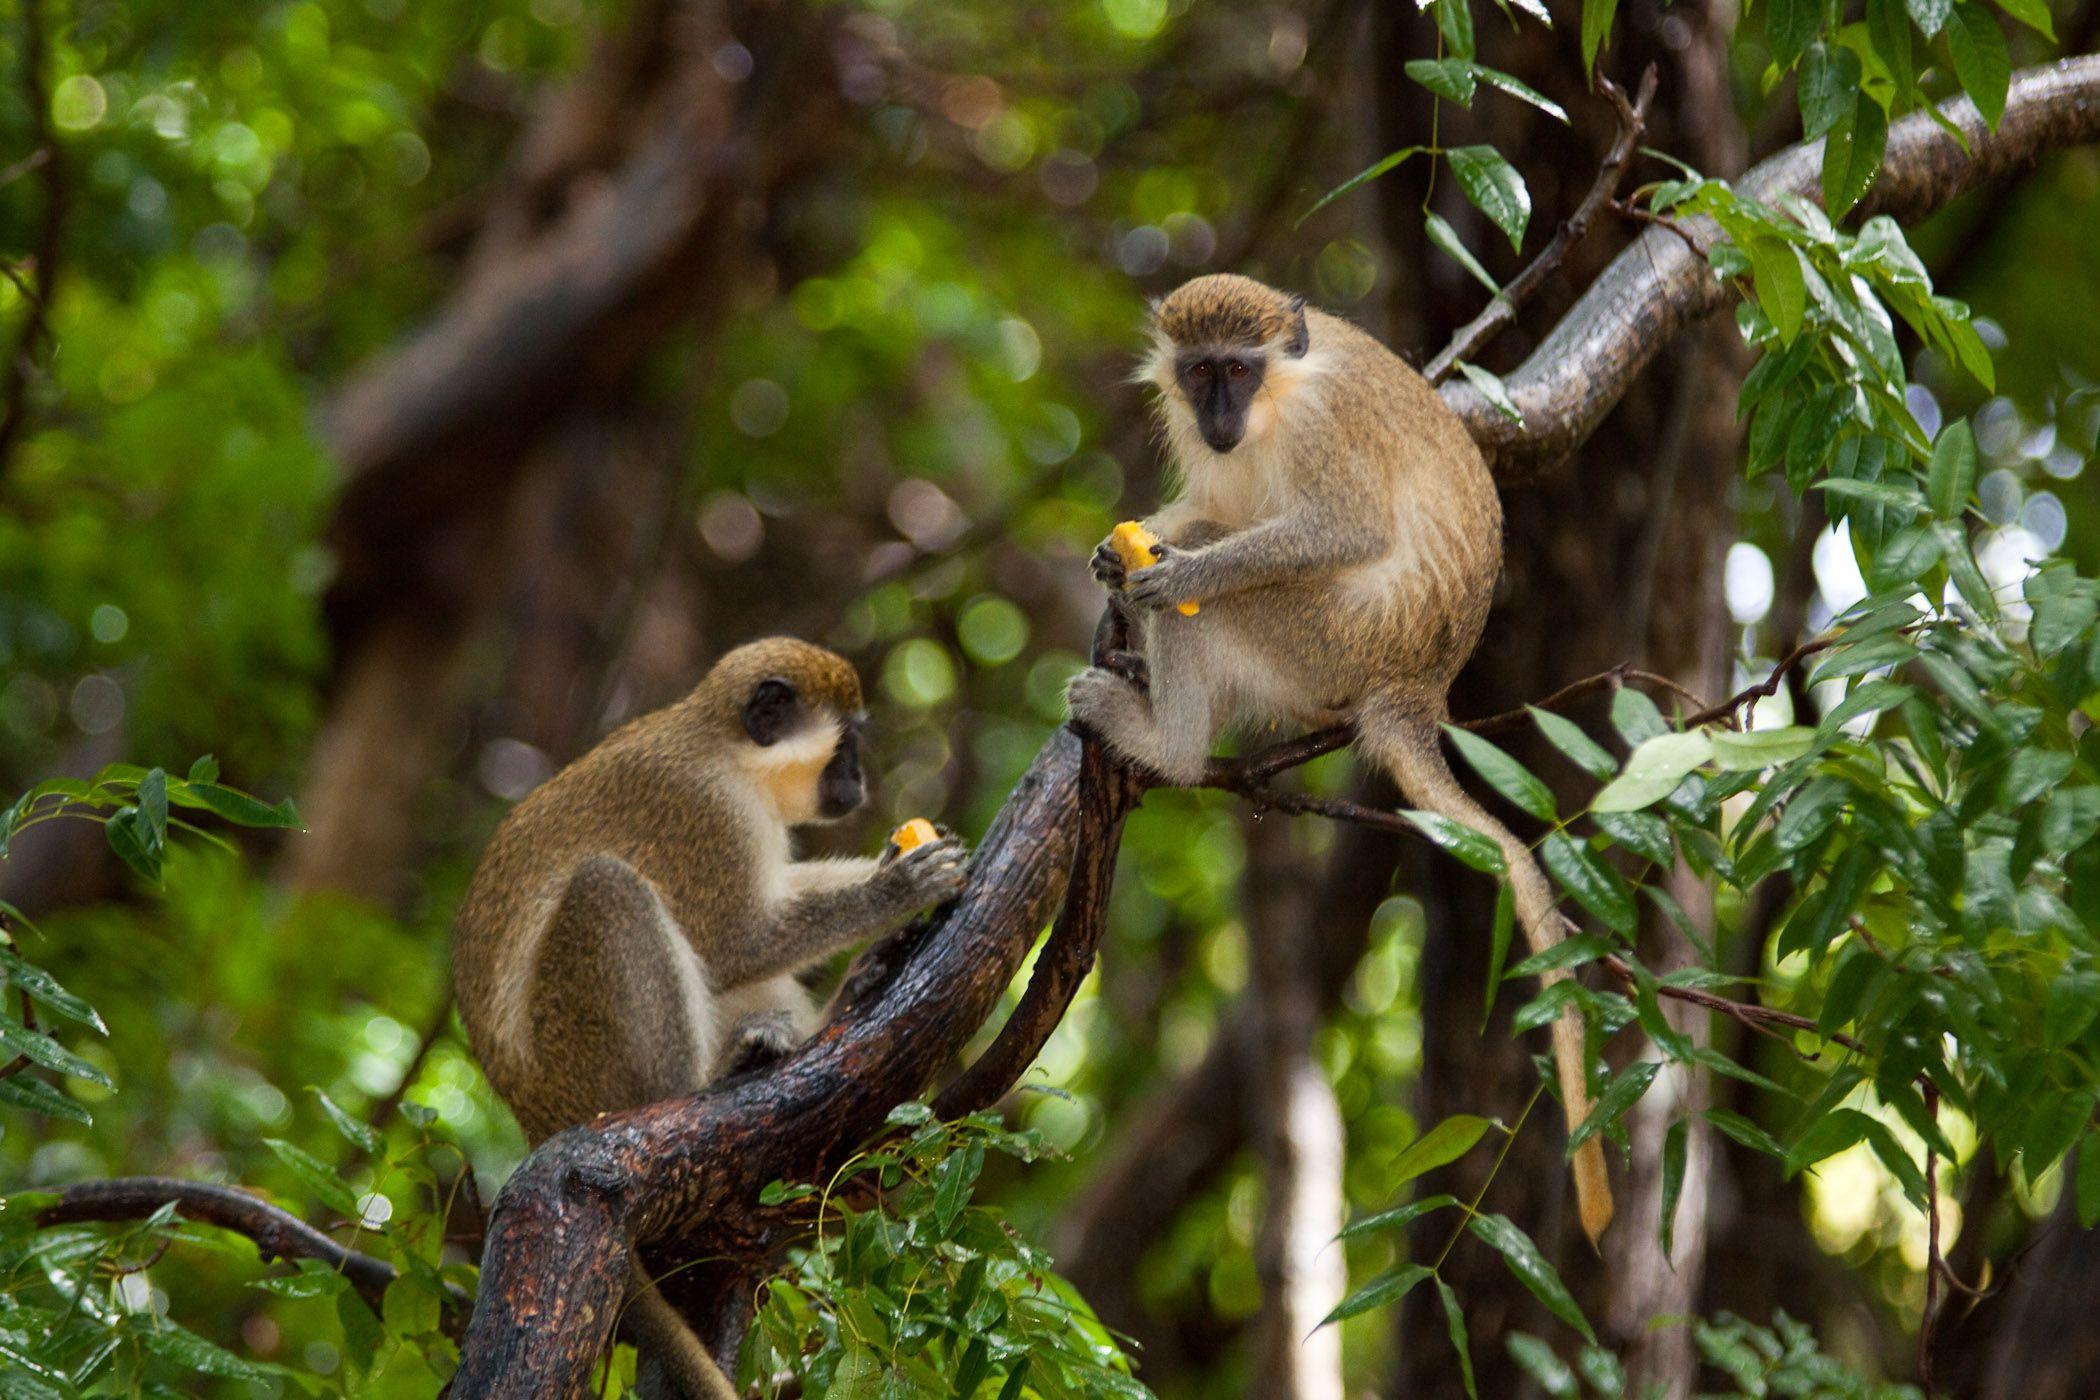 green monkeys barbados wildlife reserve green monkeys